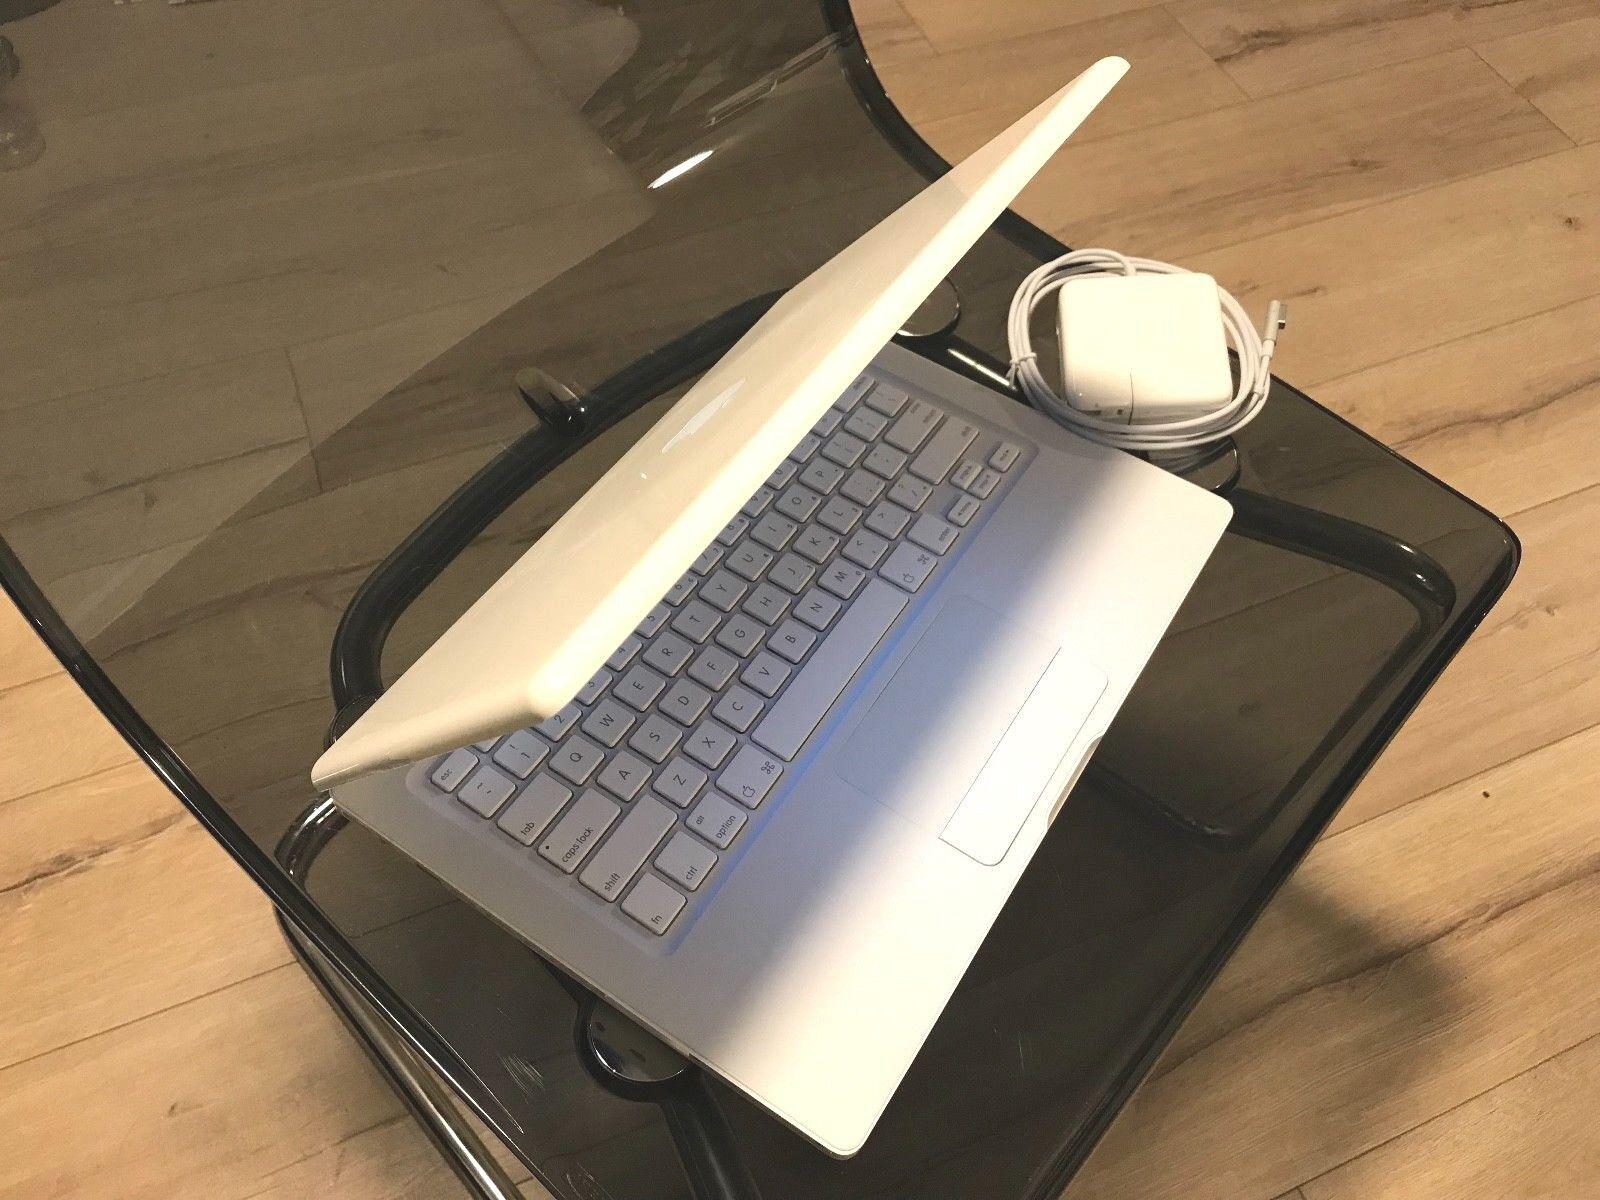 """Apple MacBook White 13"""" A1181 250GB HDD /2.4GHz./ 4GB RAM/ WiFi/ Cam/ MB403LL/A"""